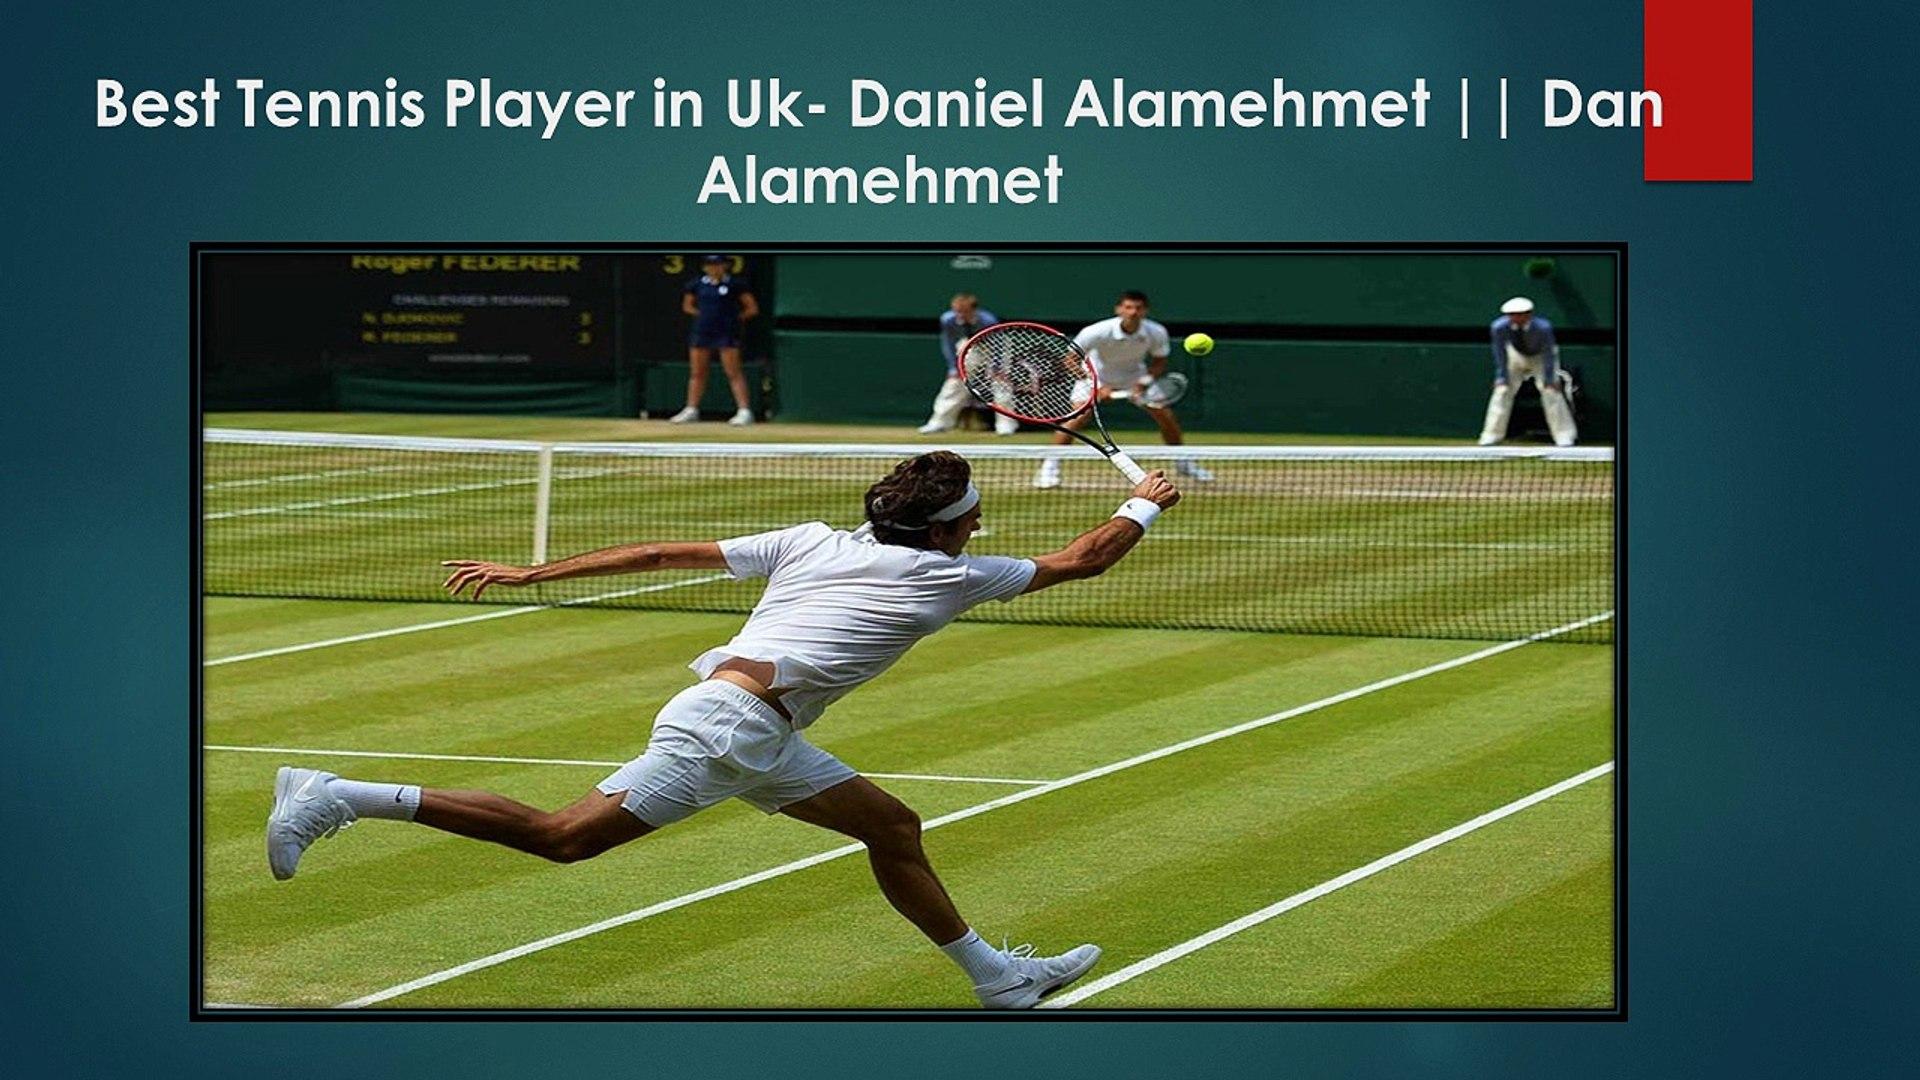 Daniel Alamehmet || Dan Alamehmet || Daniel Alamehmet Profile || About Daniel Alamehmet